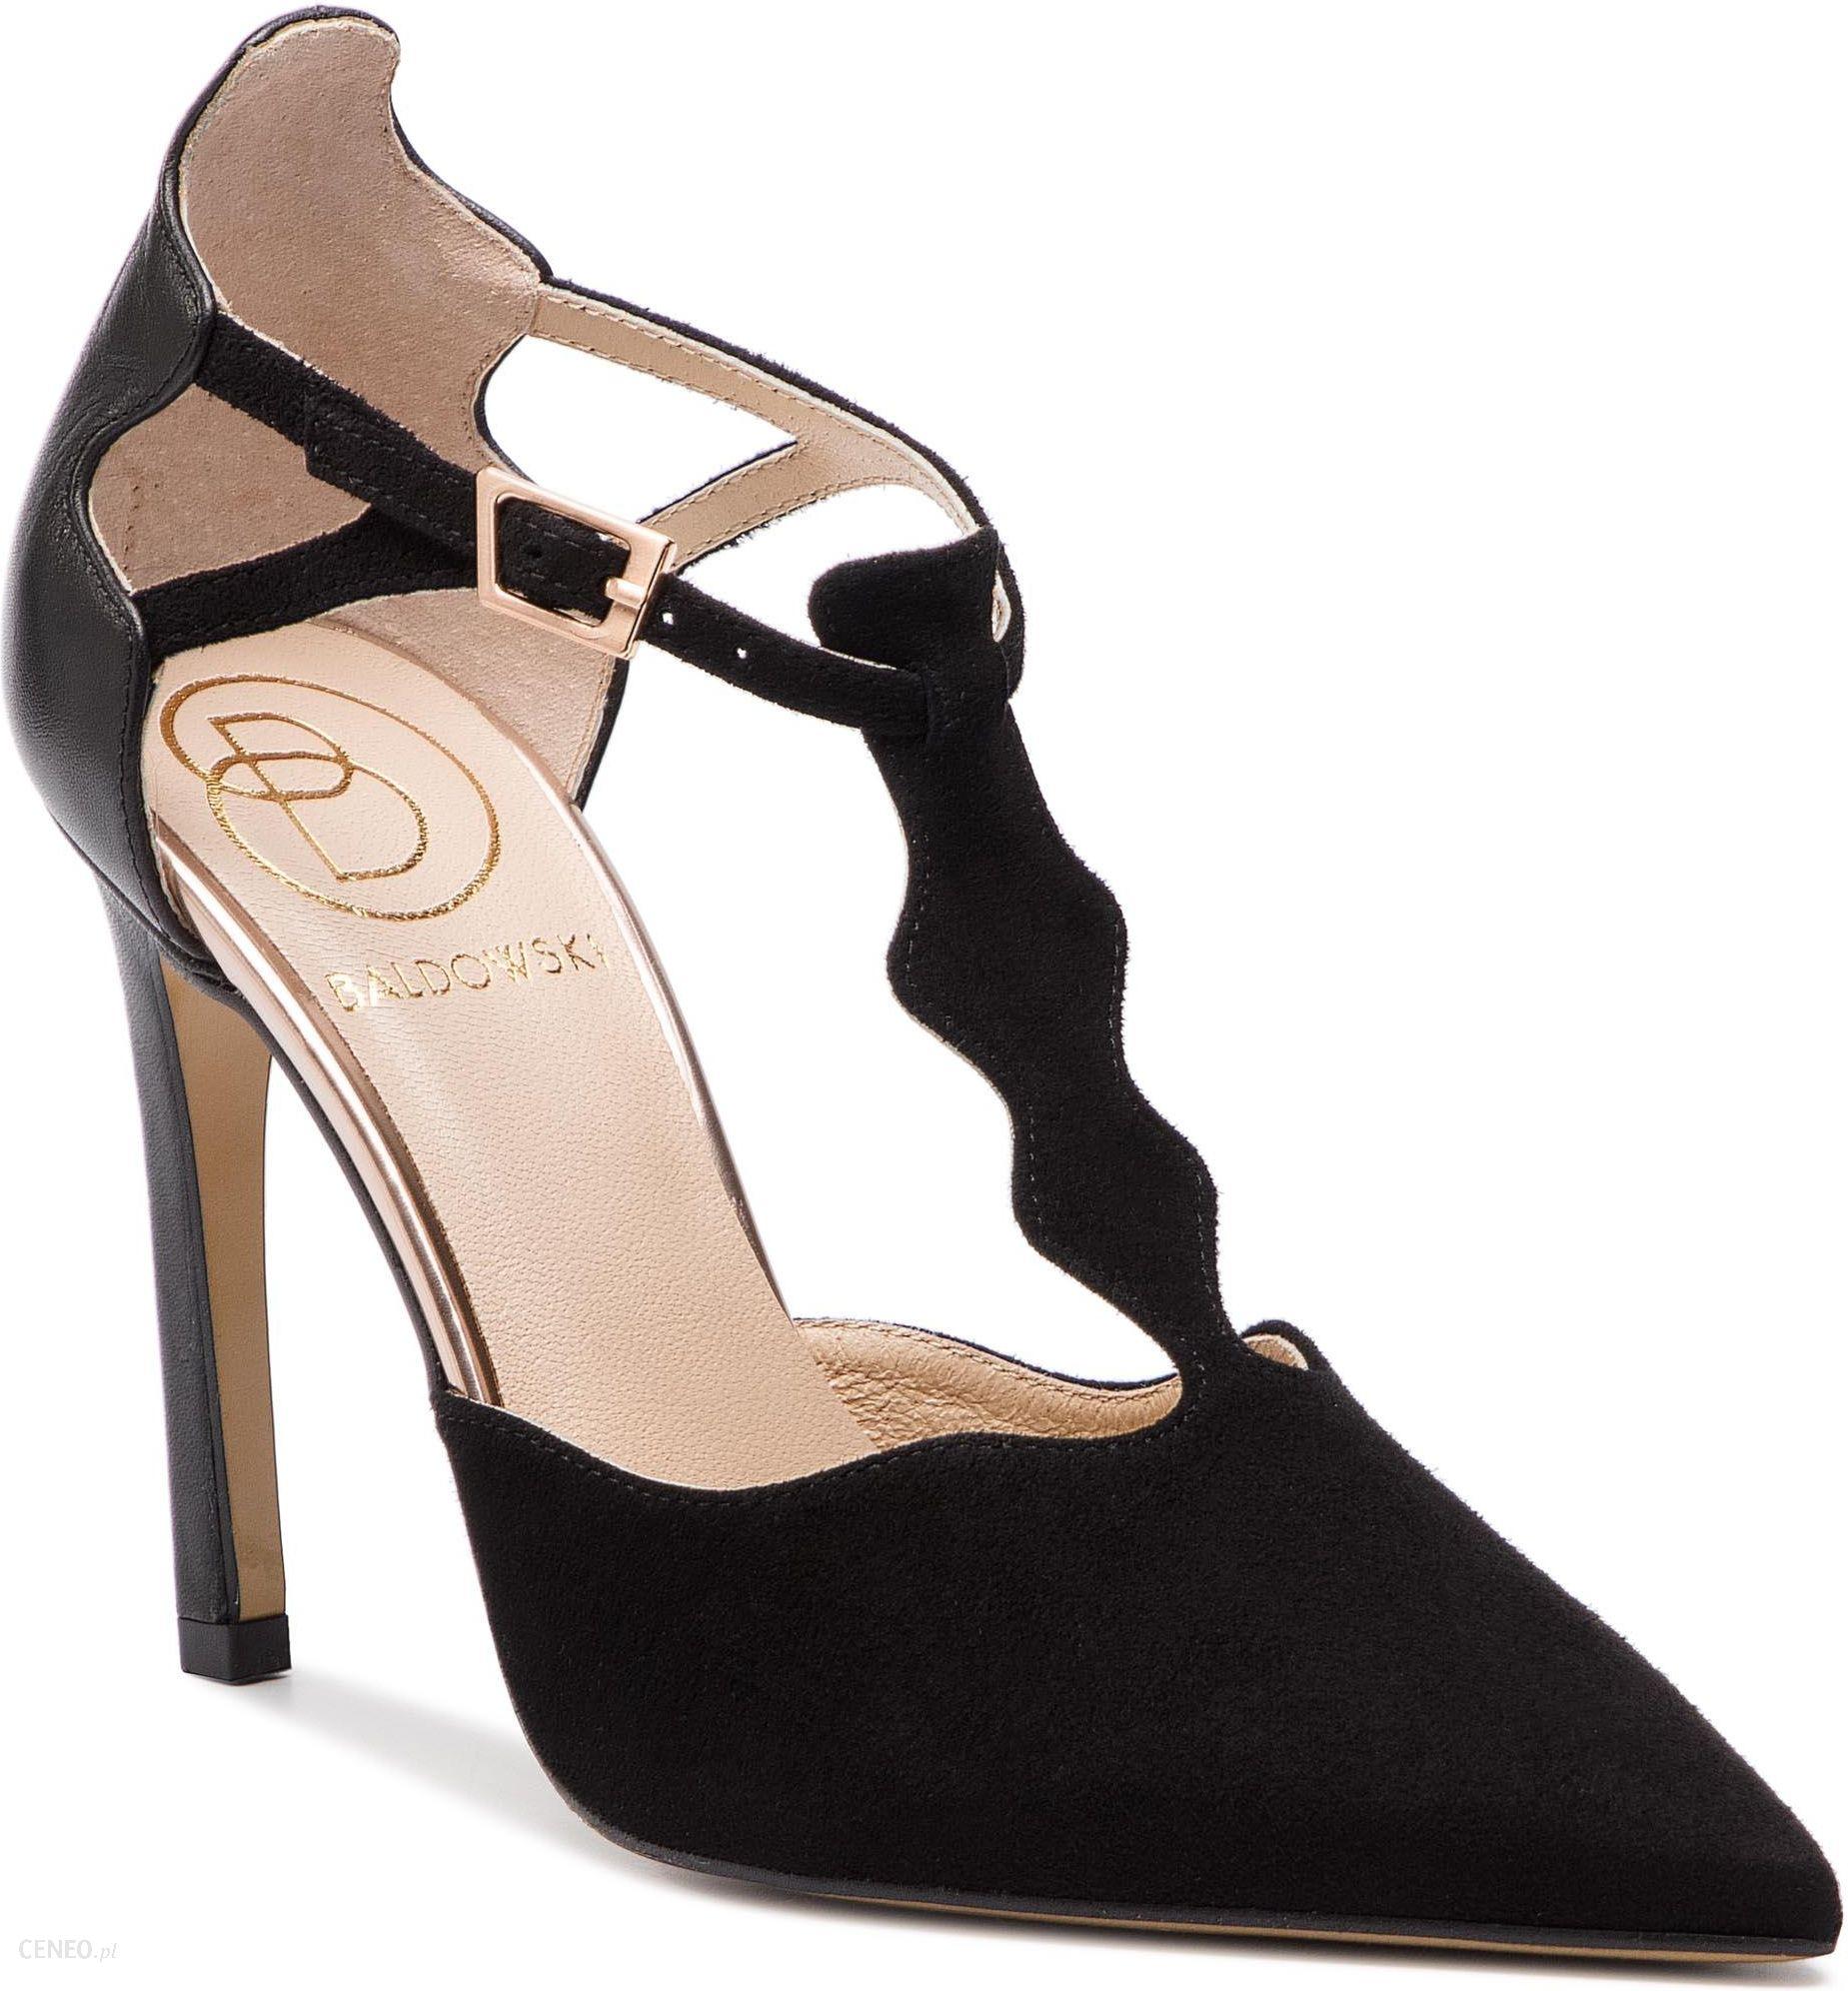 baldowski buty damskie sklep łódź